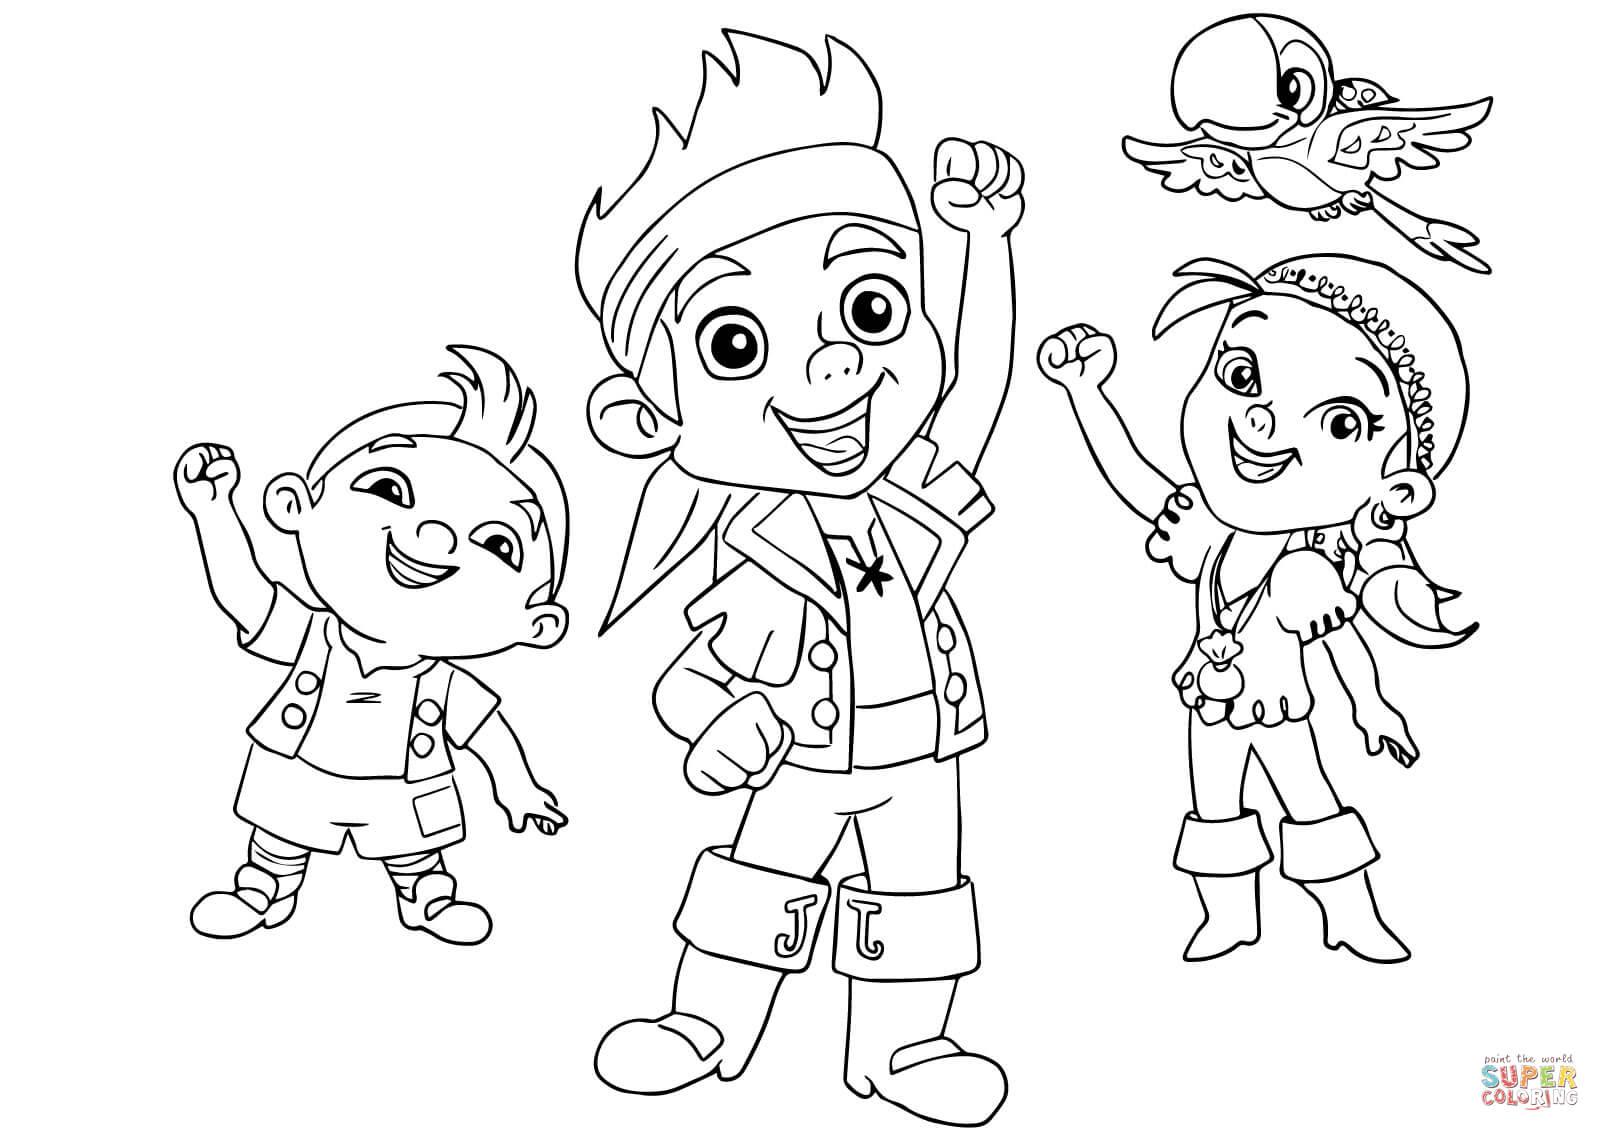 Desenho De Jake, Izzy, Cubby E Skully Estão Festejando Juntos Para